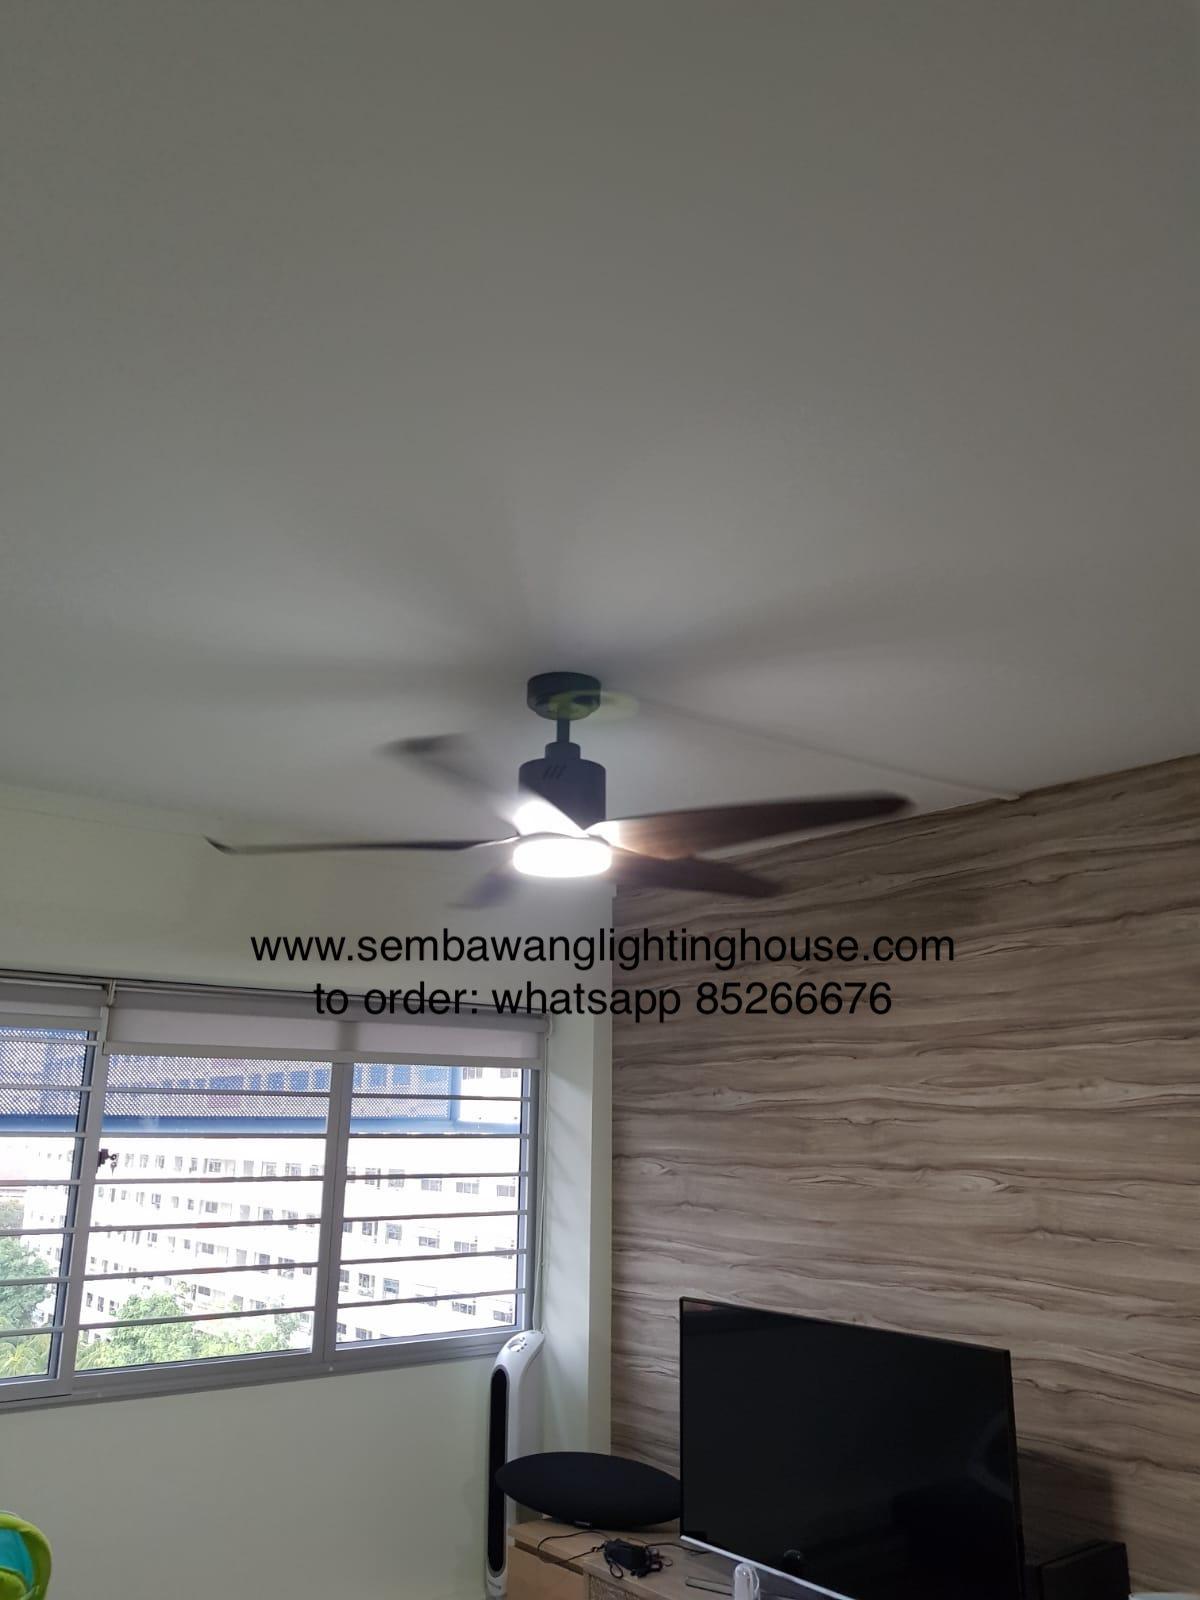 sample-02-kaze-kino-wood-led-ceiling-fan-sembawang-lighting-house.jpg